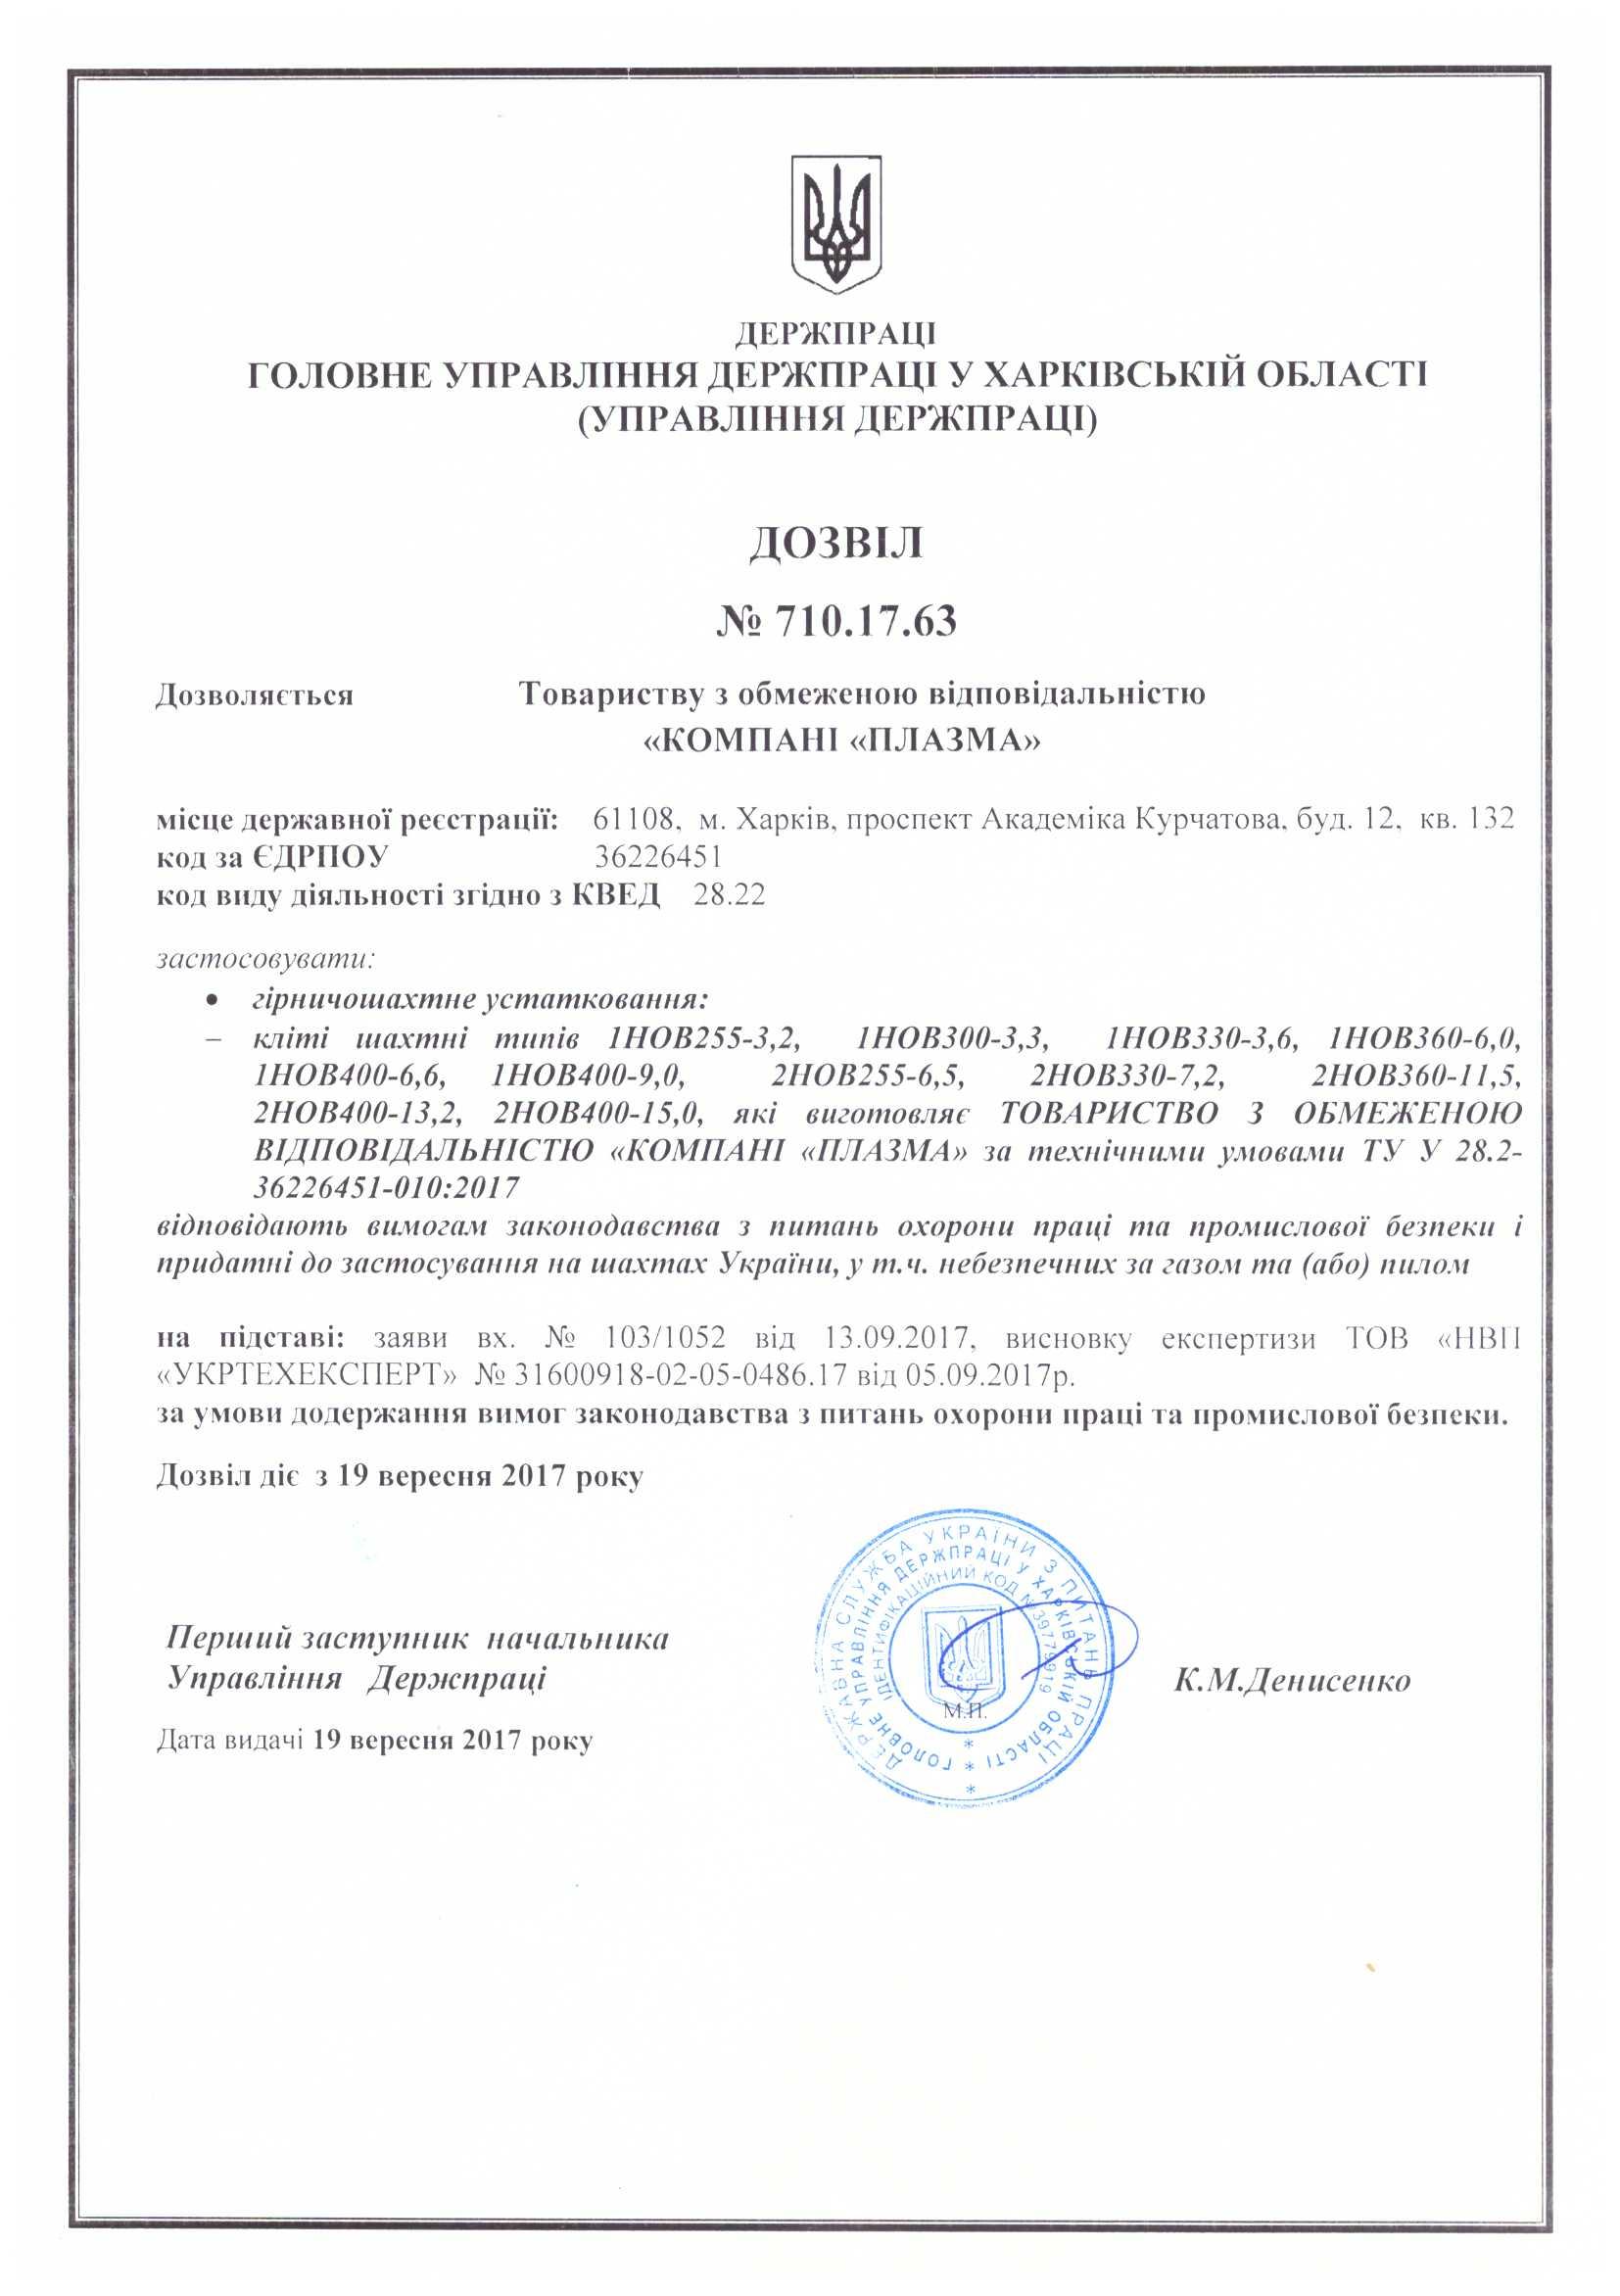 КОМПАНІ ПЛАЗМА, ООО